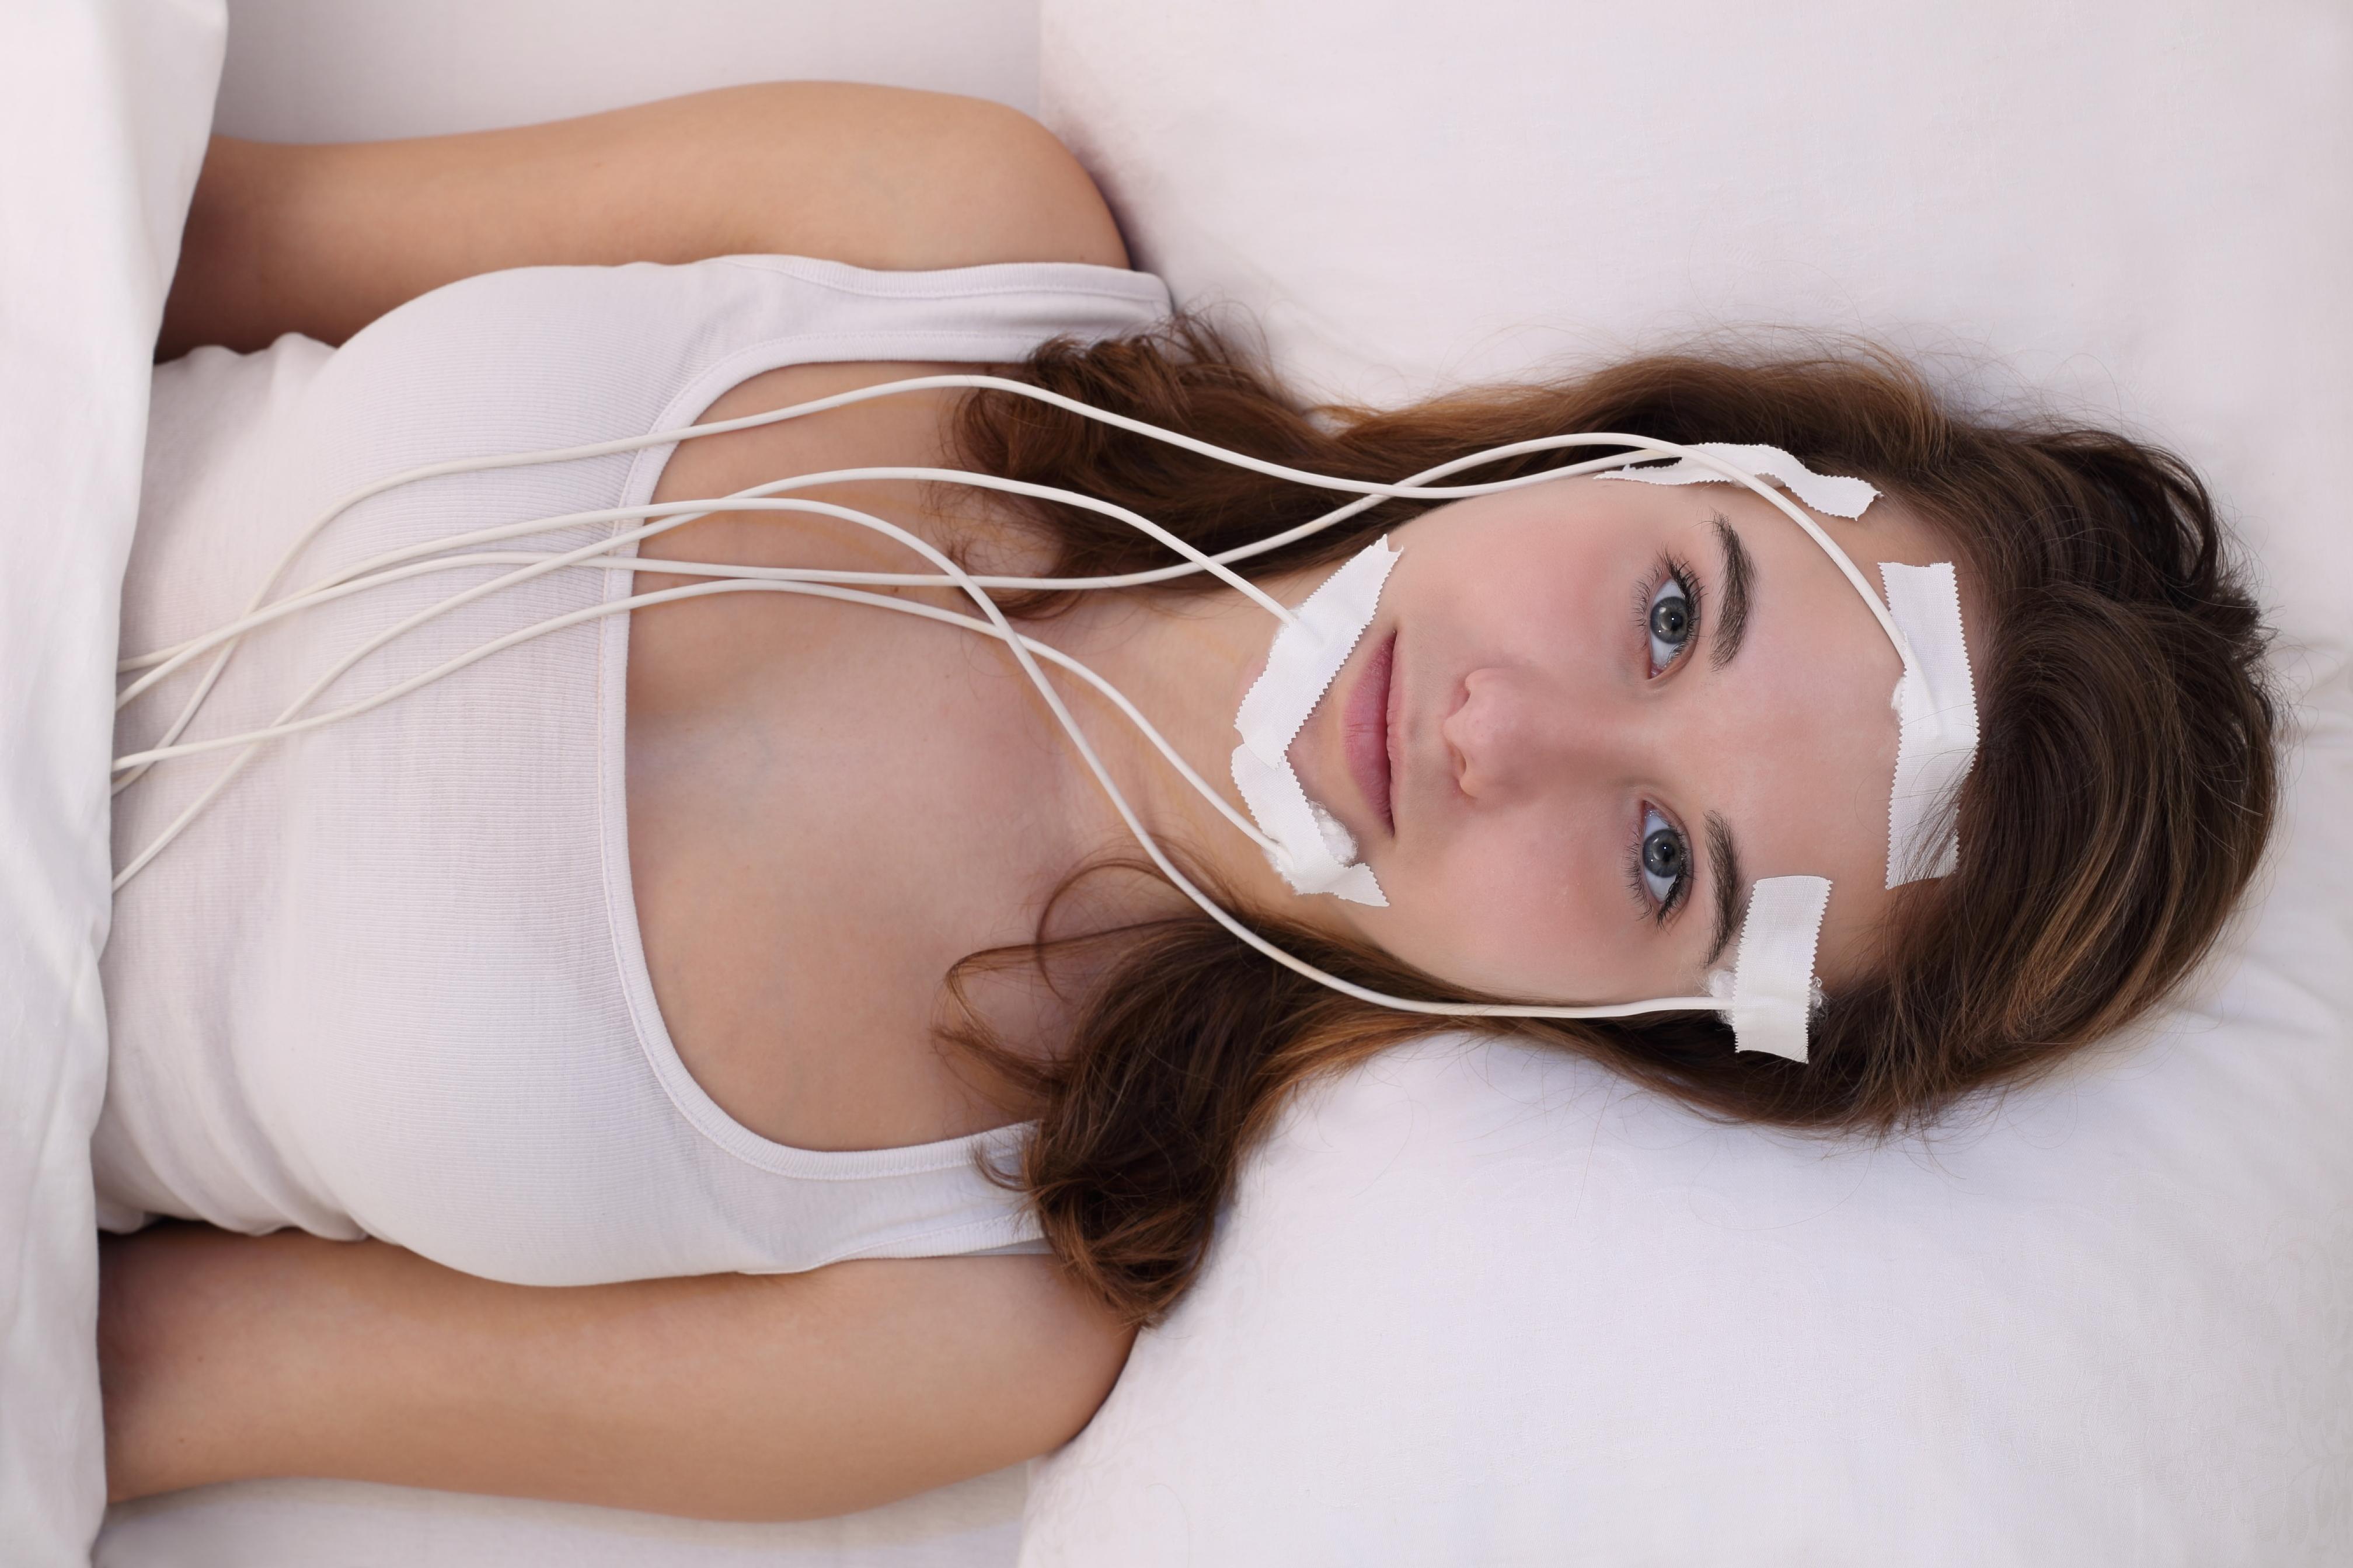 Eine Frau wird in einem Schlaflabor verkabelt